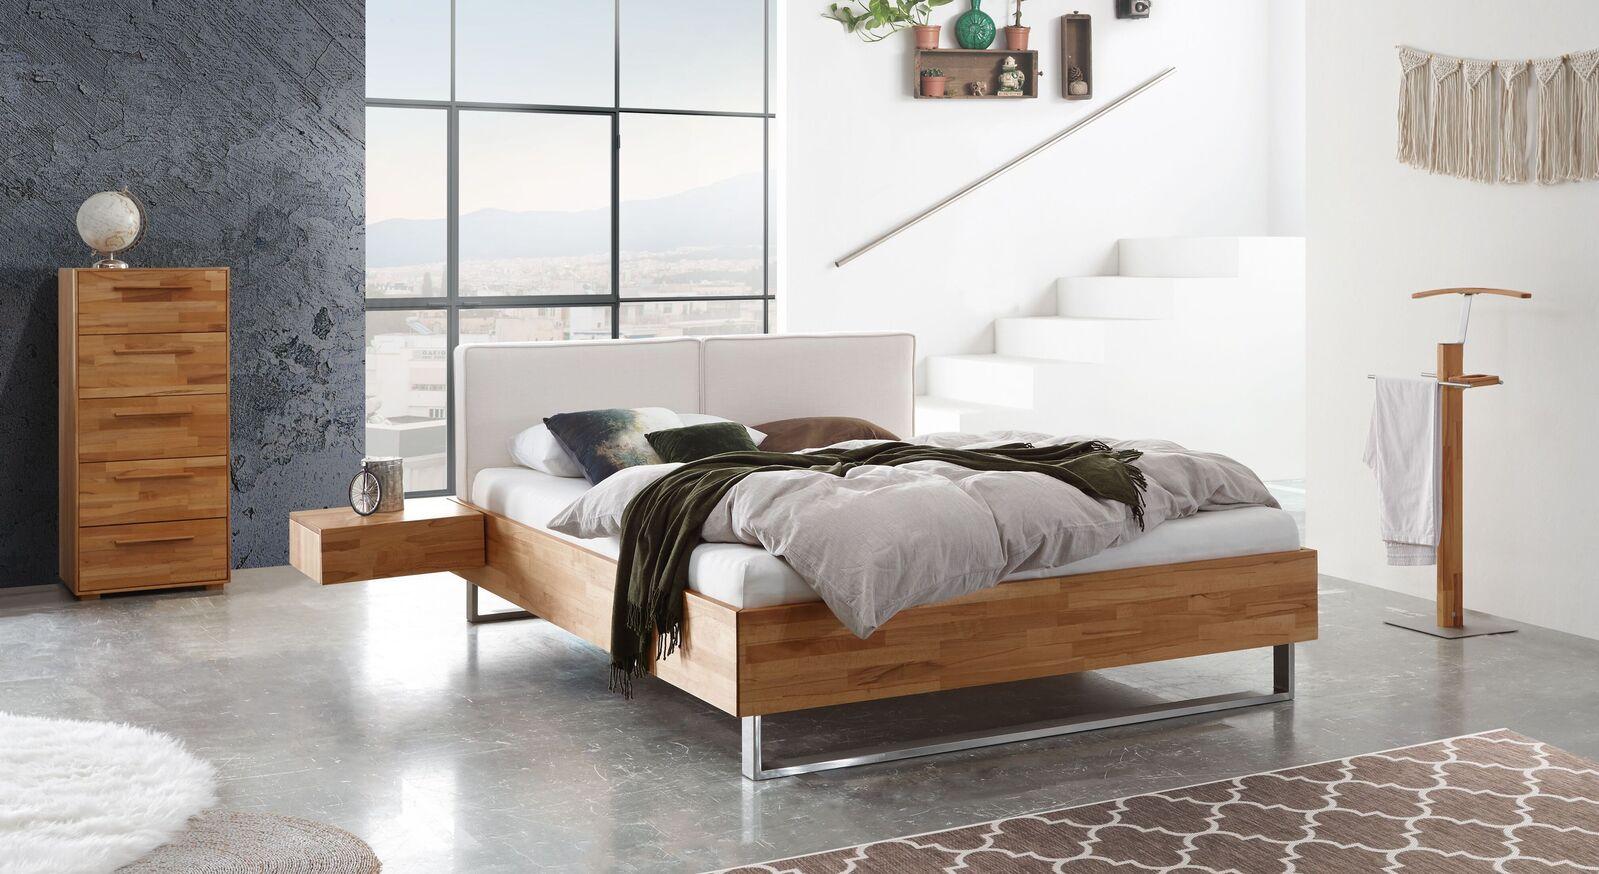 Bett Rebus mit passenden Schlafzimmermöbeln